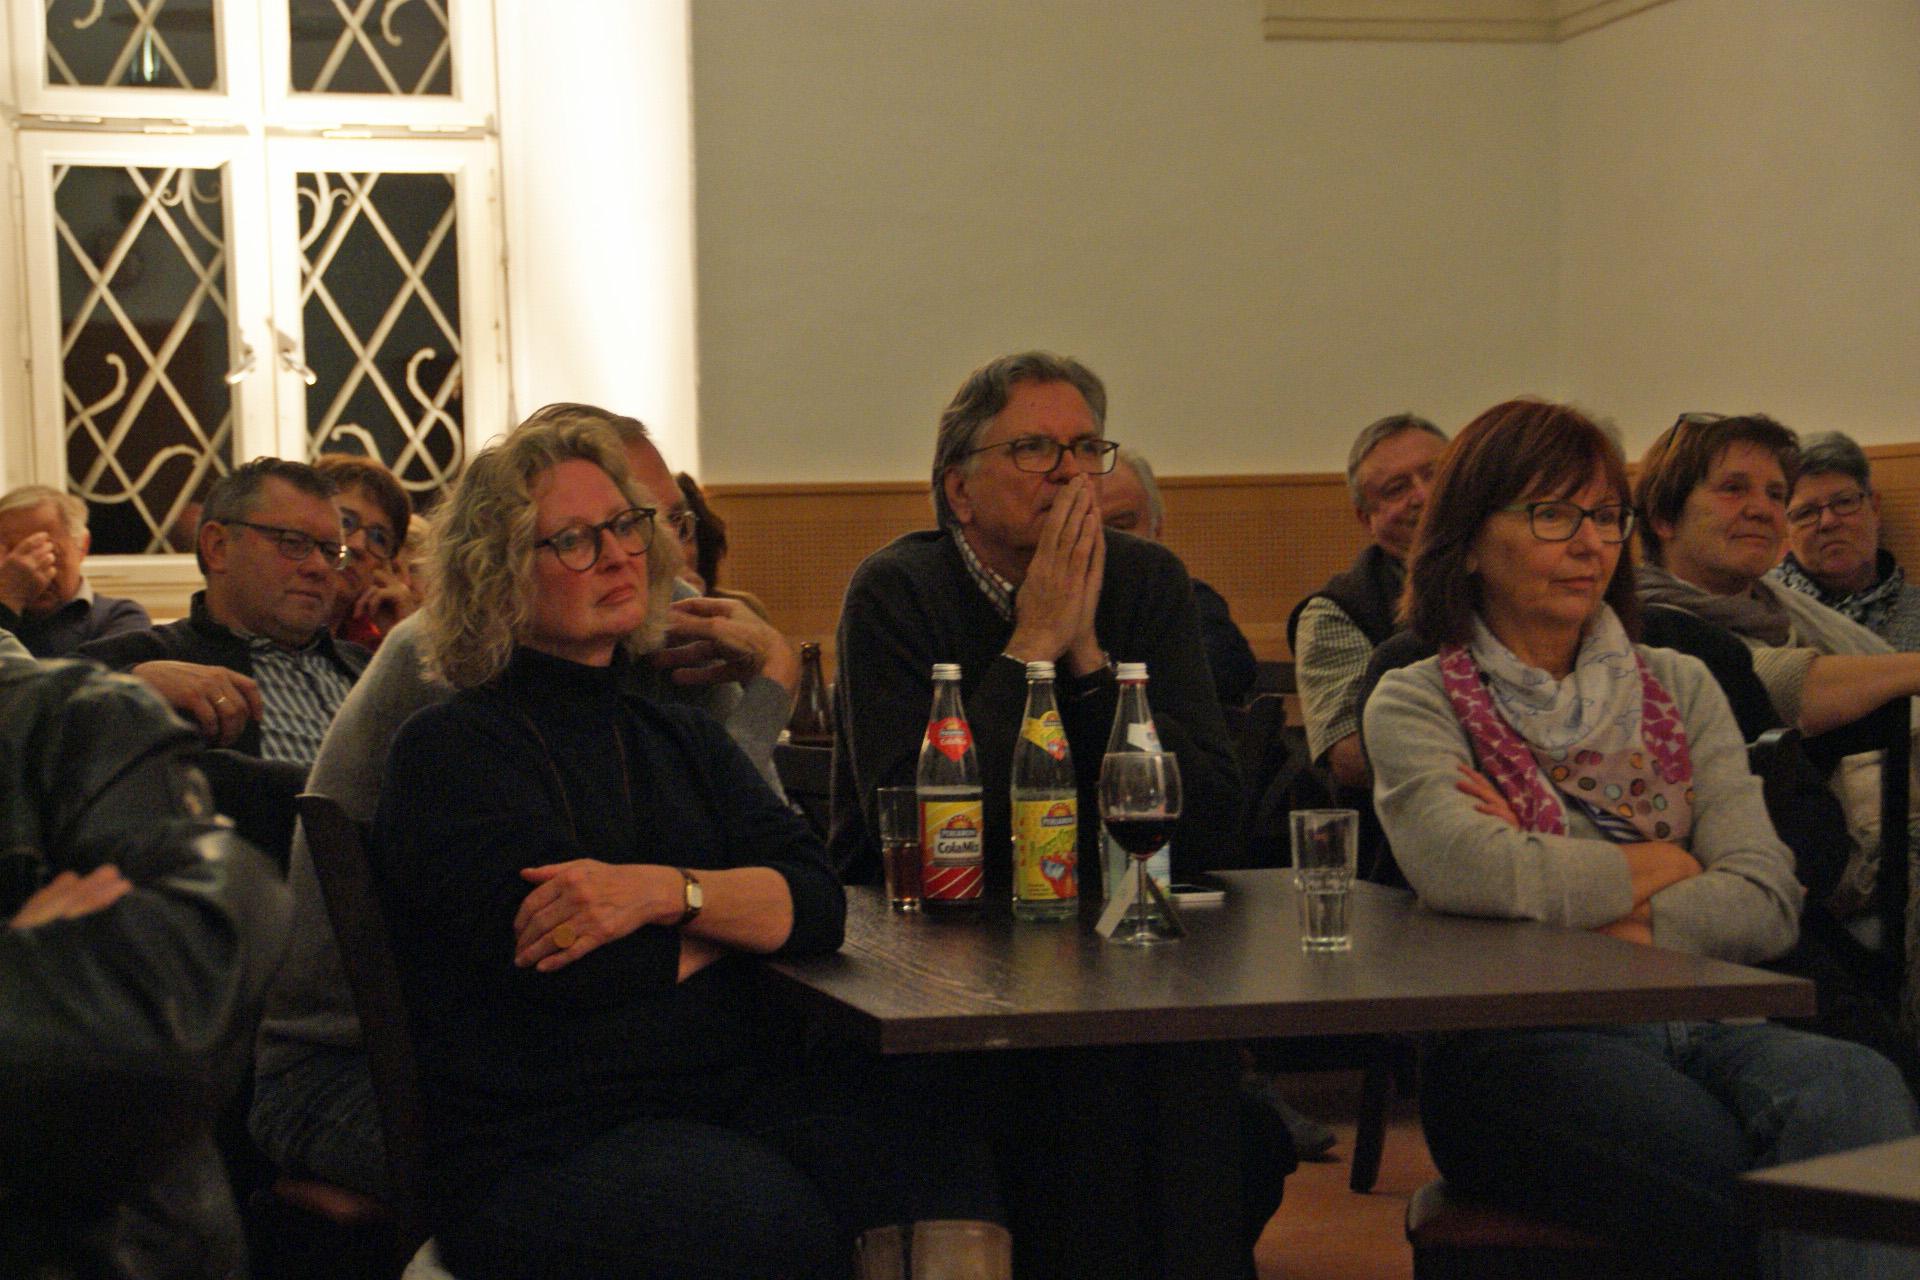 Gebannt vom Wechselspiel von Satire und Musik: Gäste des Unverdorbenen-Gastauftritts in Kloster Ensdorf. Fotos: Alfred Grassmann